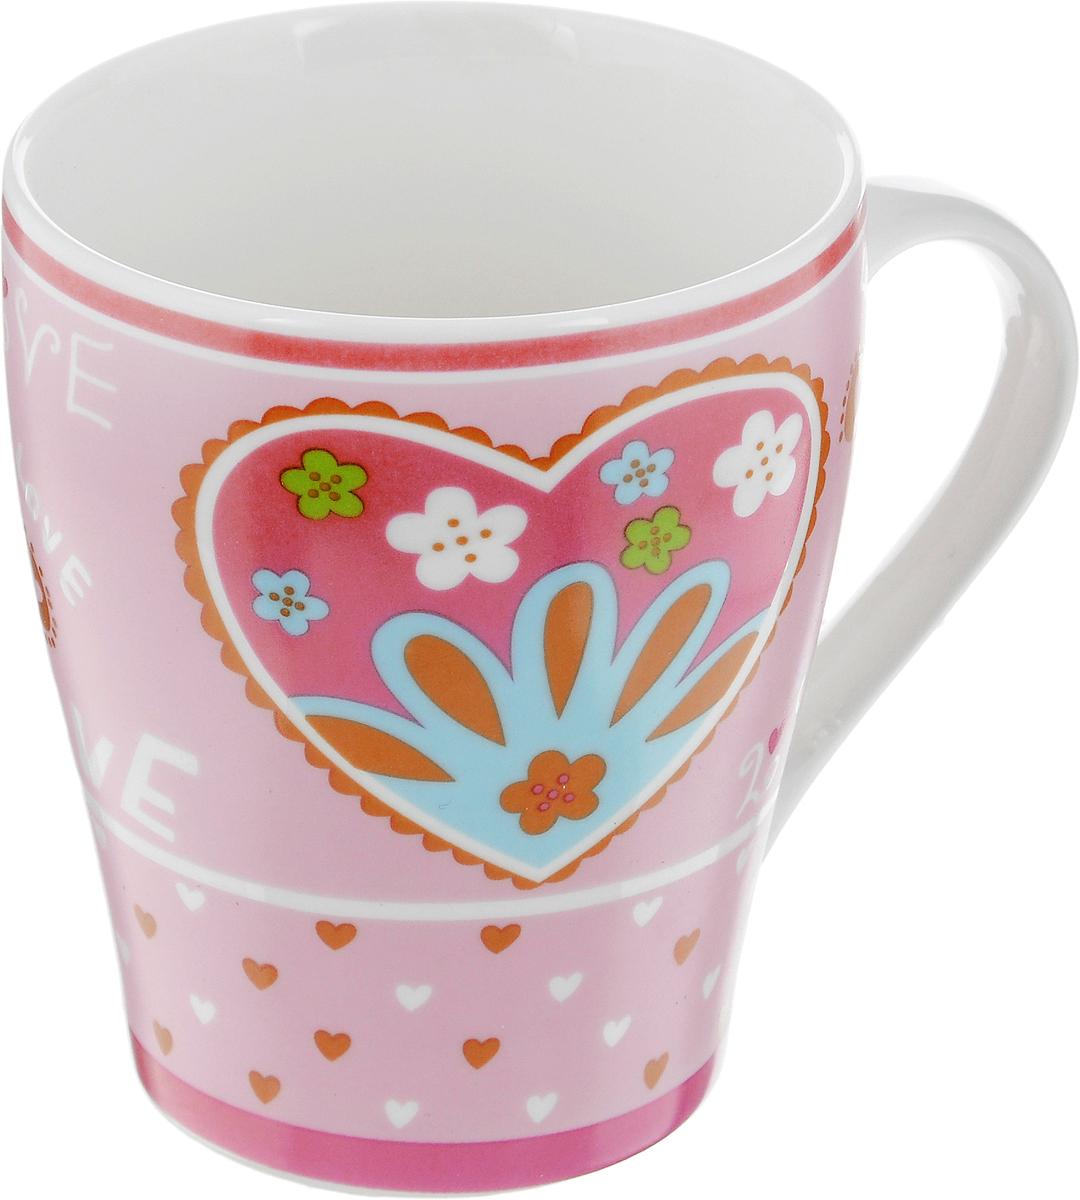 Кружка Loraine Сердце, цвет: розовый, 350 мл22113_розовыйКружка Loraine Сердце изготовлена из прочного качественного костяного фарфора. Изделие оформлено красочным рисунком. Благодаря своим термостатическим свойствам, изделие отлично сохраняет температуру содержимого - морозной зимой кружка будет согревать вас горячим чаем, а знойным летом, напротив, радовать прохладными напитками. Такой аксессуар создаст атмосферу тепла и уюта, настроит на позитивный лад и подарит хорошее настроение с самого утра. Это оригинальное изделие идеально подойдет в подарок близкому человеку. Диаметр (по верхнему краю): 8,5 см.Высота кружки: 10 см.